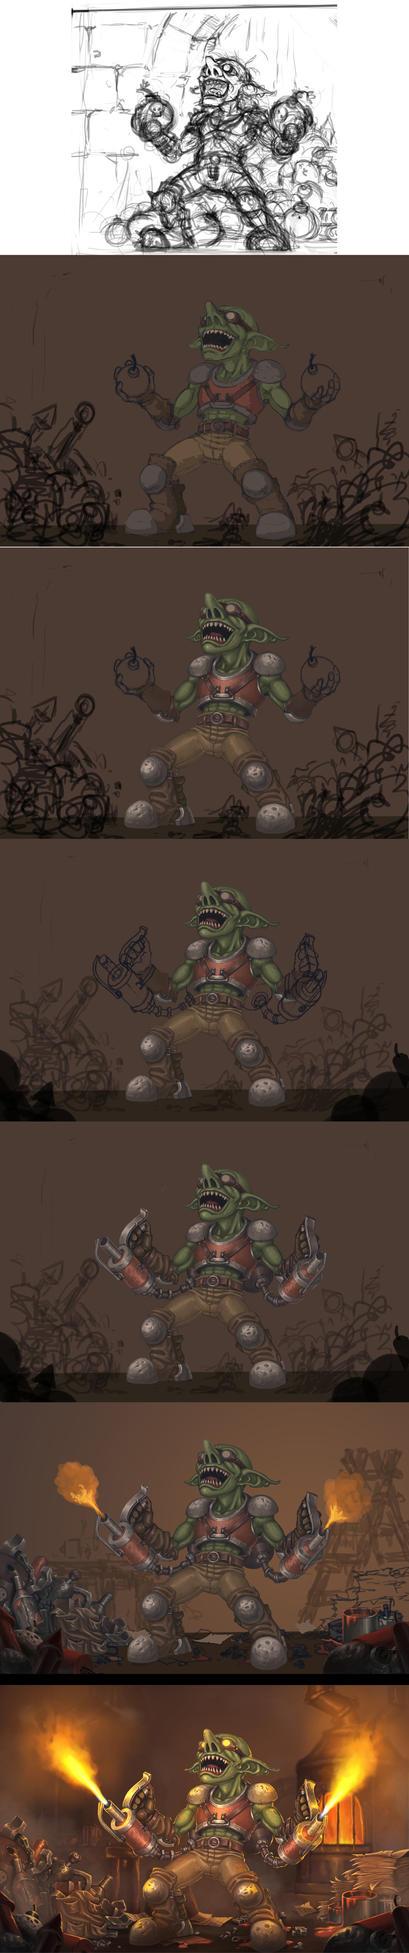 Goblin vs Gnome WIP by ArtDeepMind